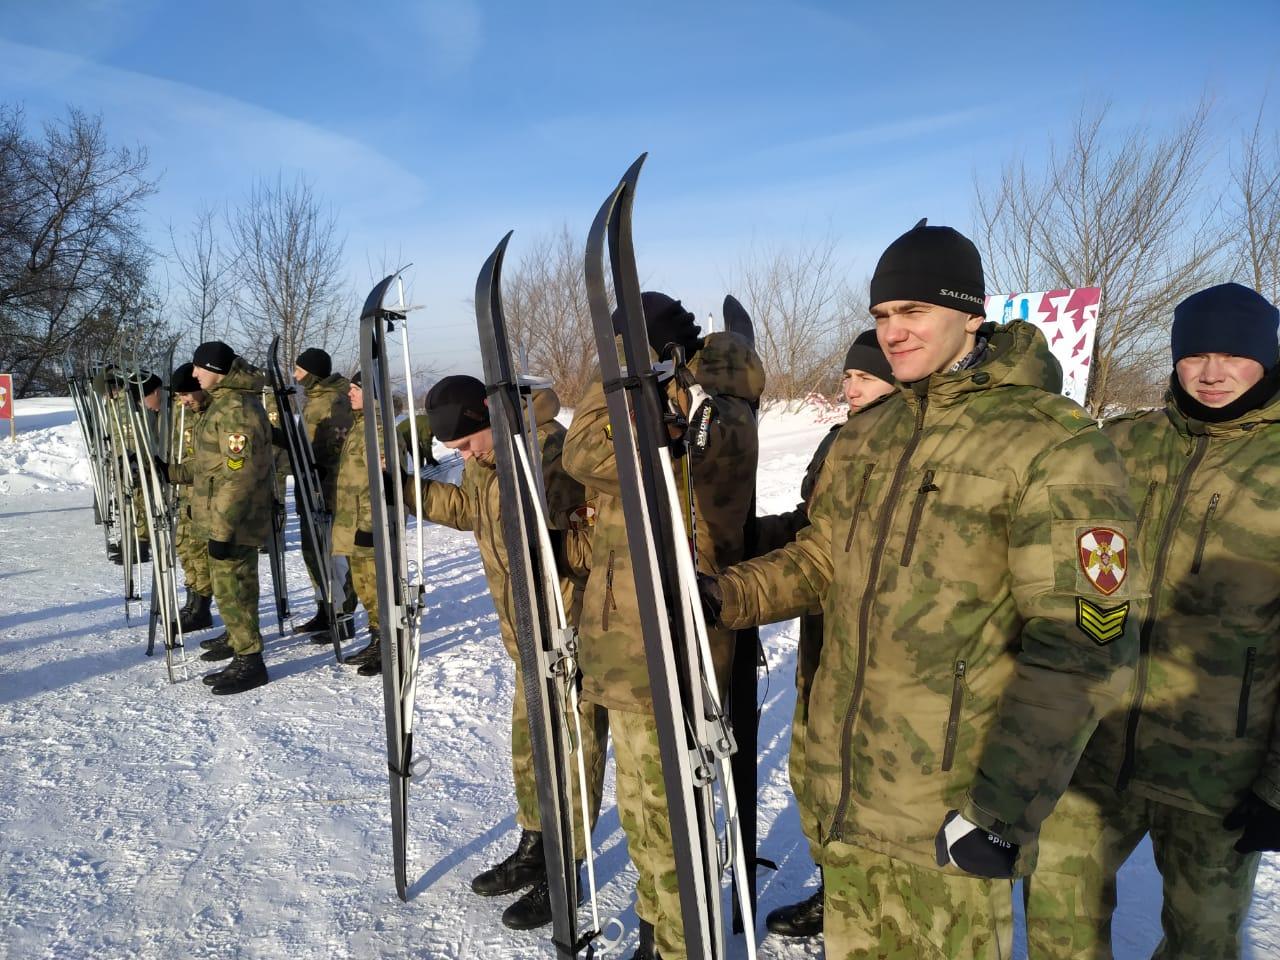 В новосибирской гонке приняли участие больше семи десятков курсантов